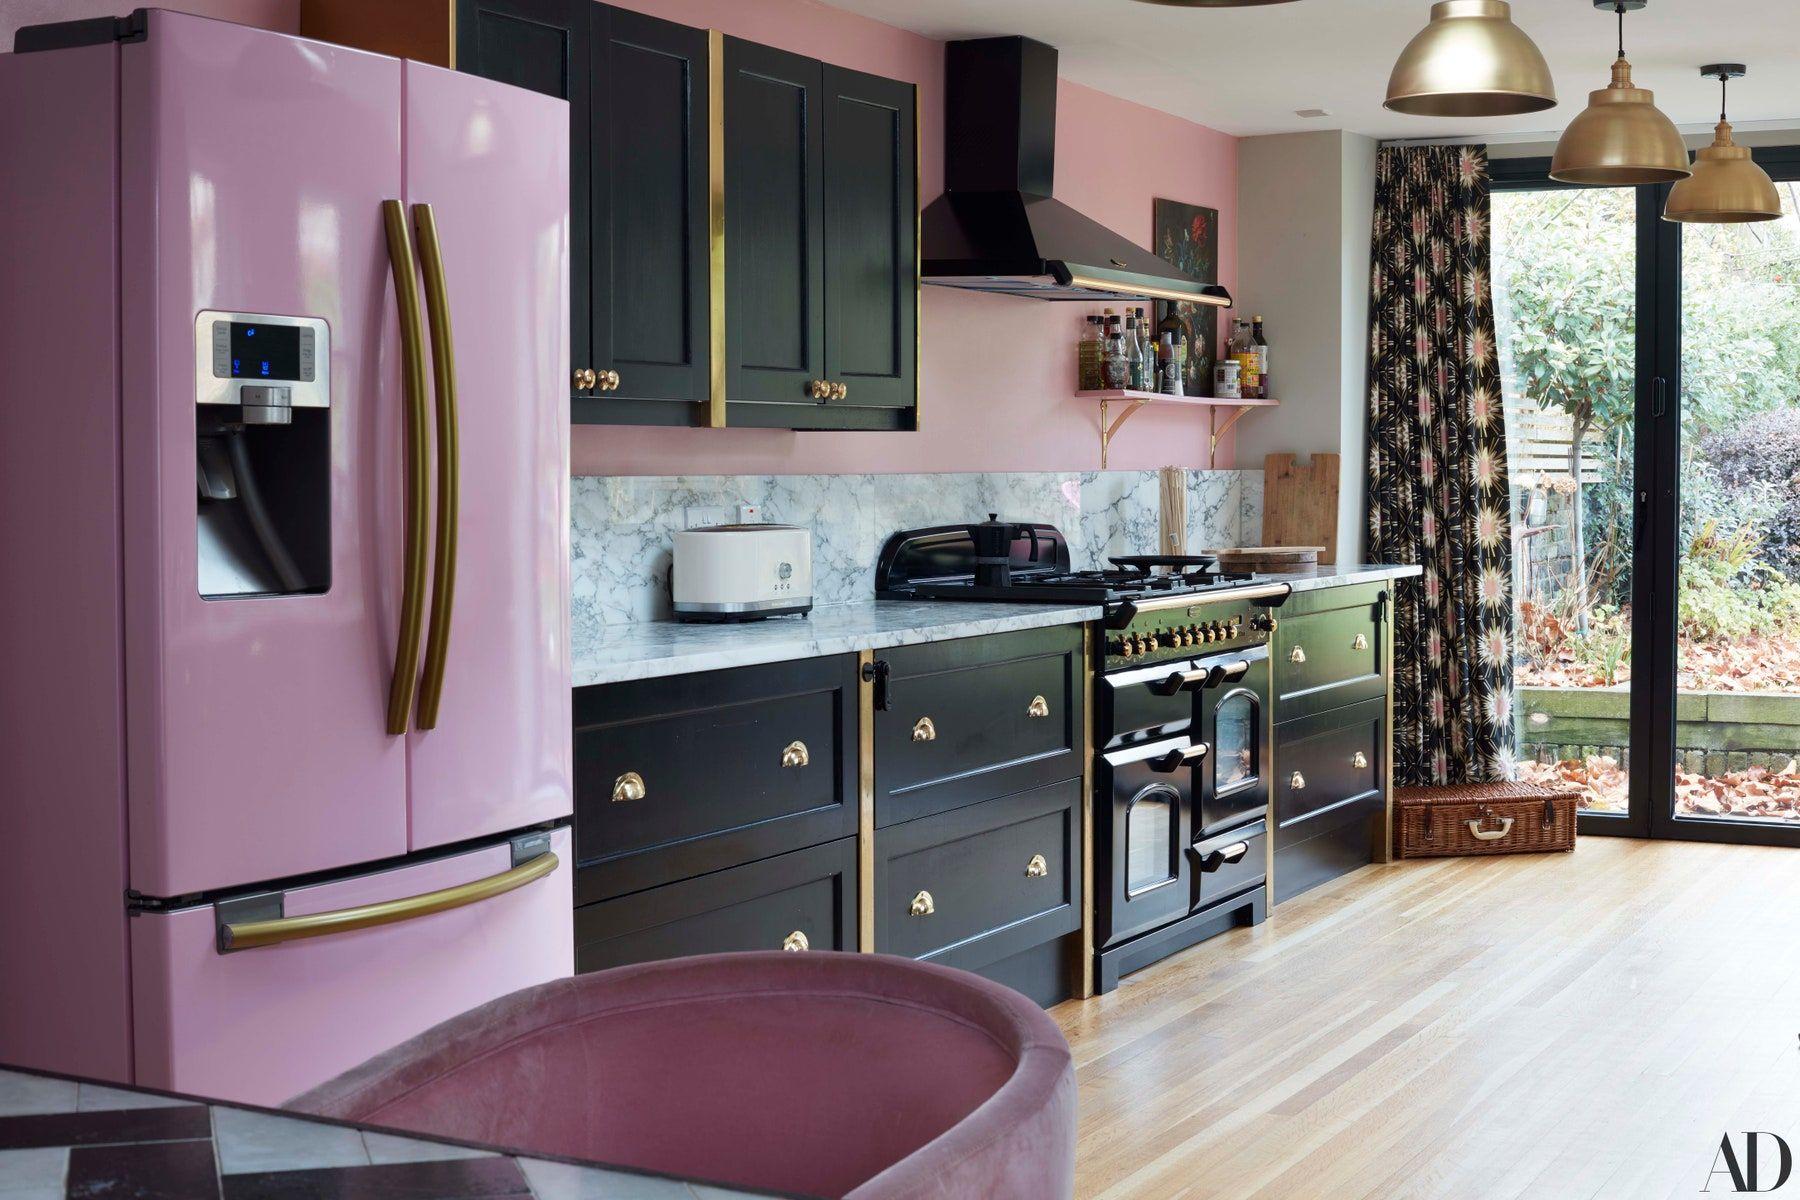 Paloma Faith's London Home Is a Kaleidoscopic Dream